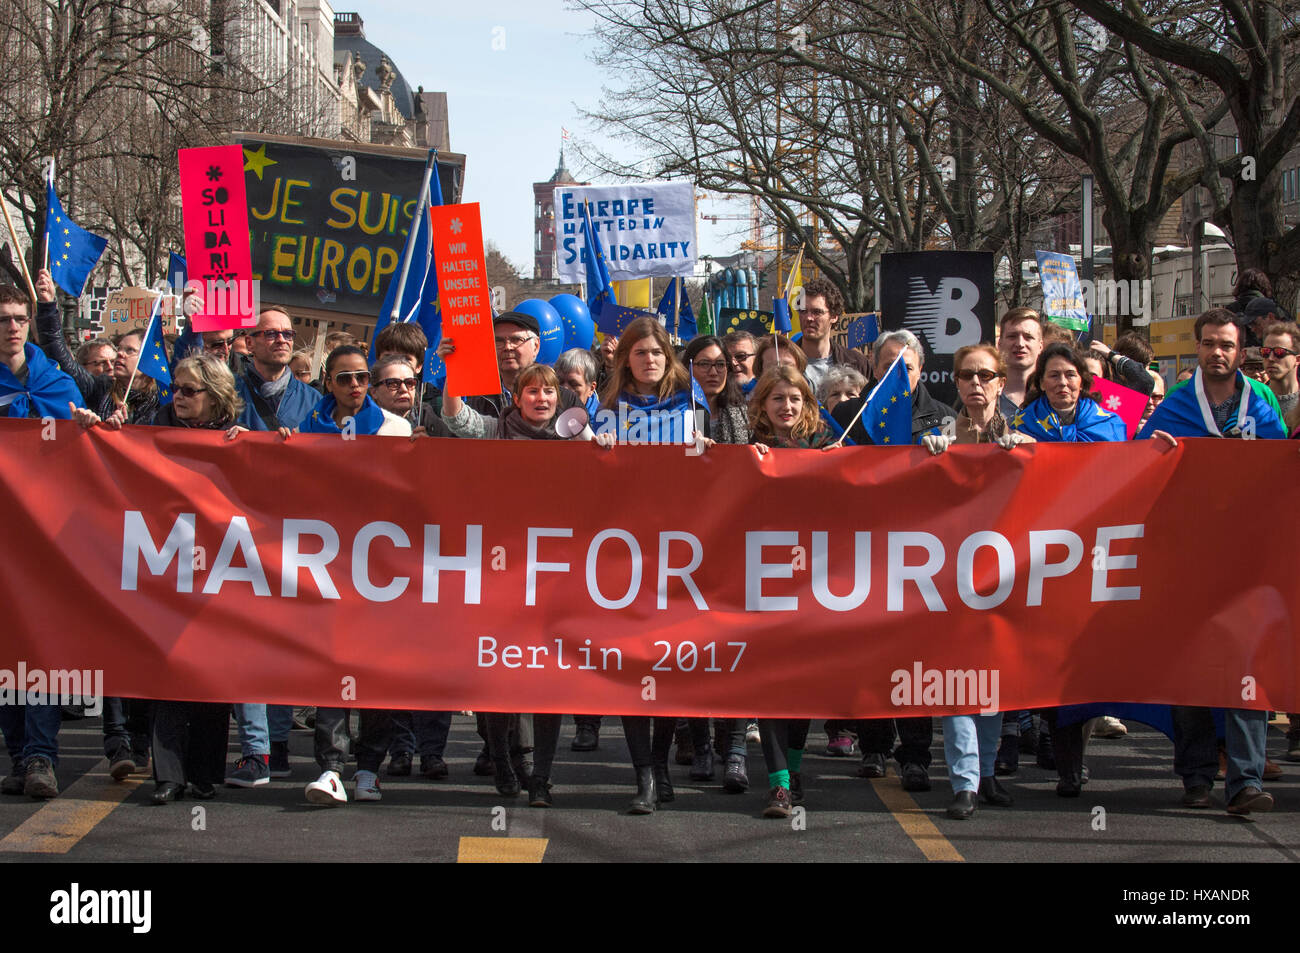 Il mese di marzo per l'Europa. Sessantesimo anniversario del Trattato di Roma demo in Berlin. Foto Stock